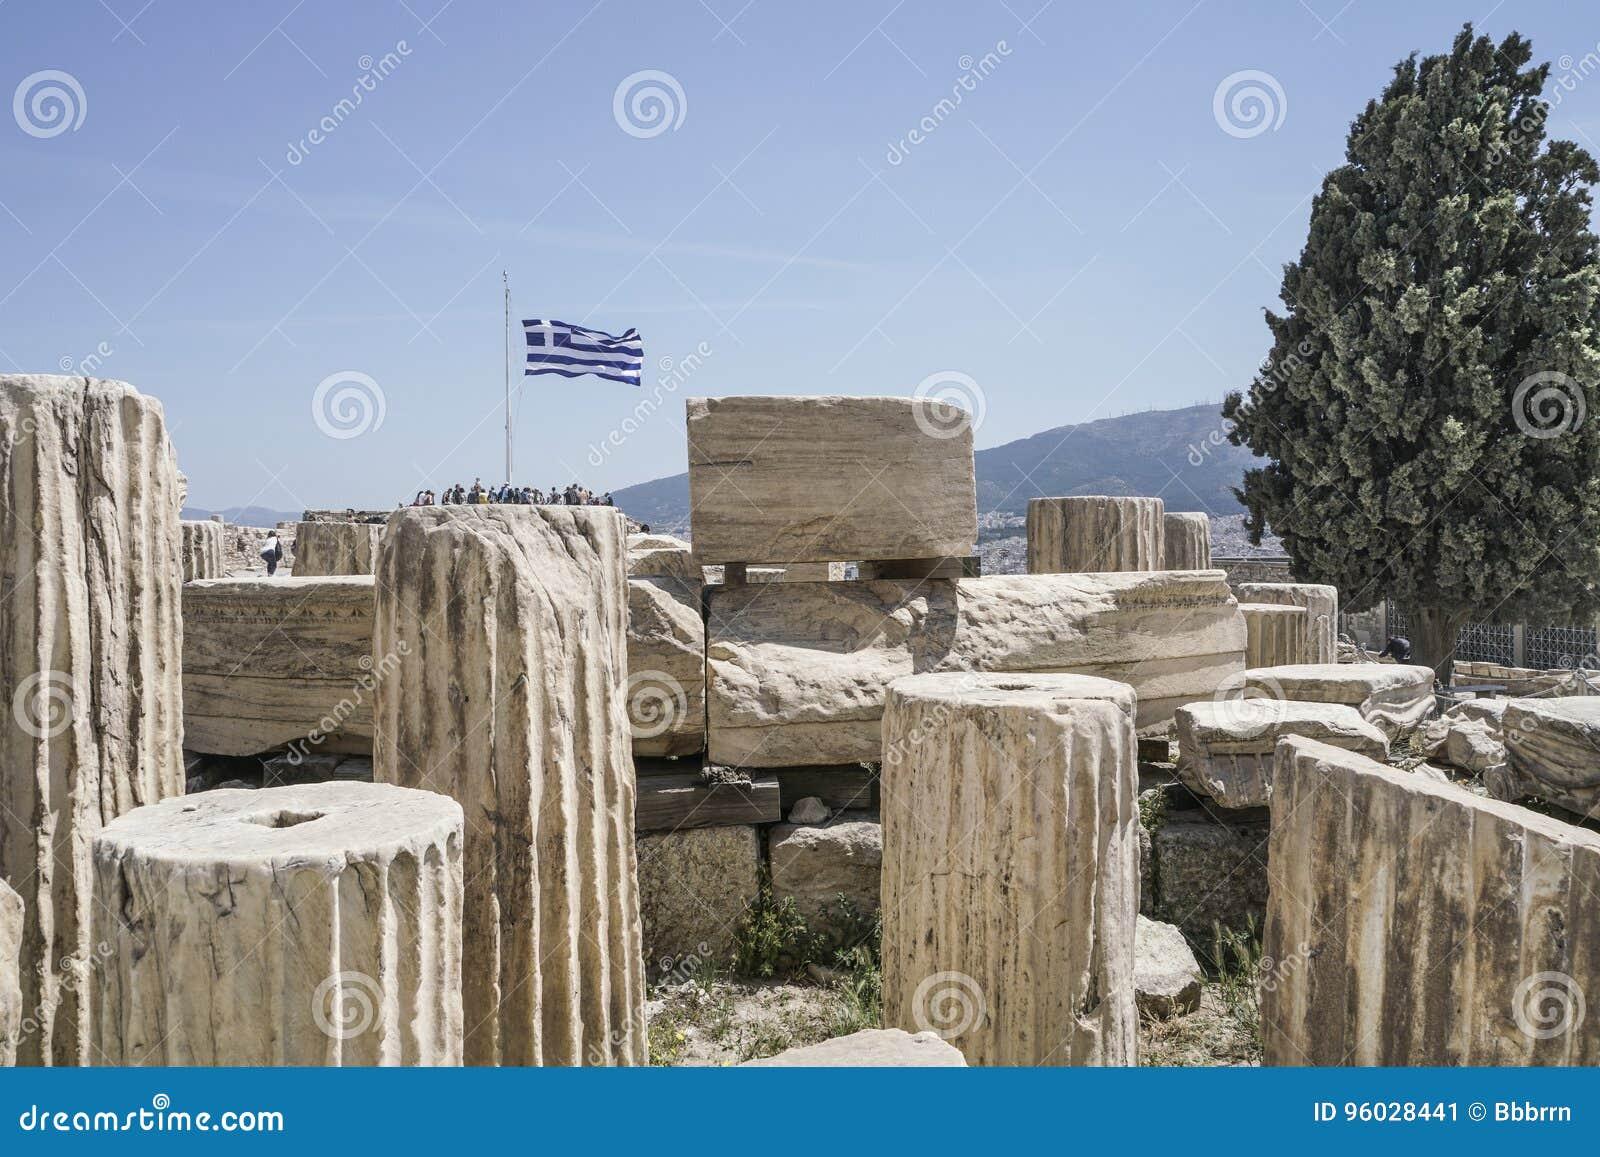 Ruiny w Ateńskim akropolu w Ateny, Grecja